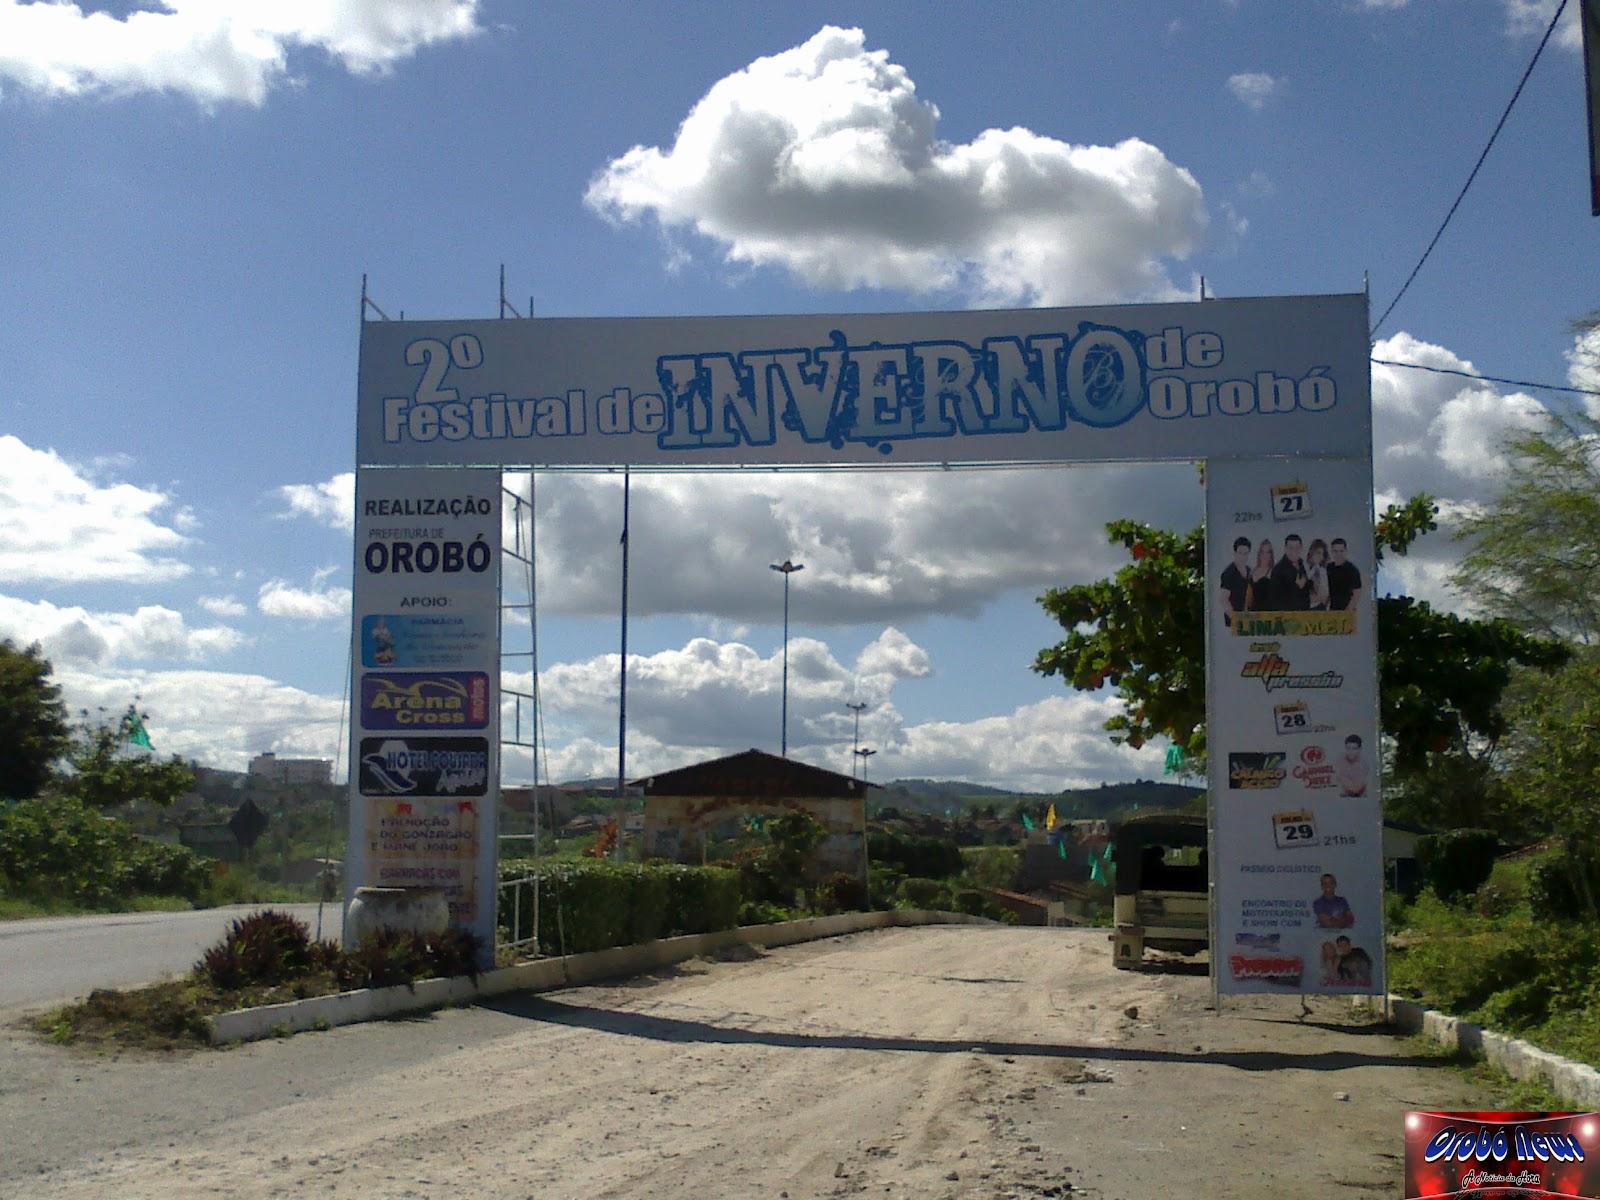 festa em bom jardim hoje : festa em bom jardim hoje:Hoje no Primeiro dia do 2º Festival de Inverno de Orobó